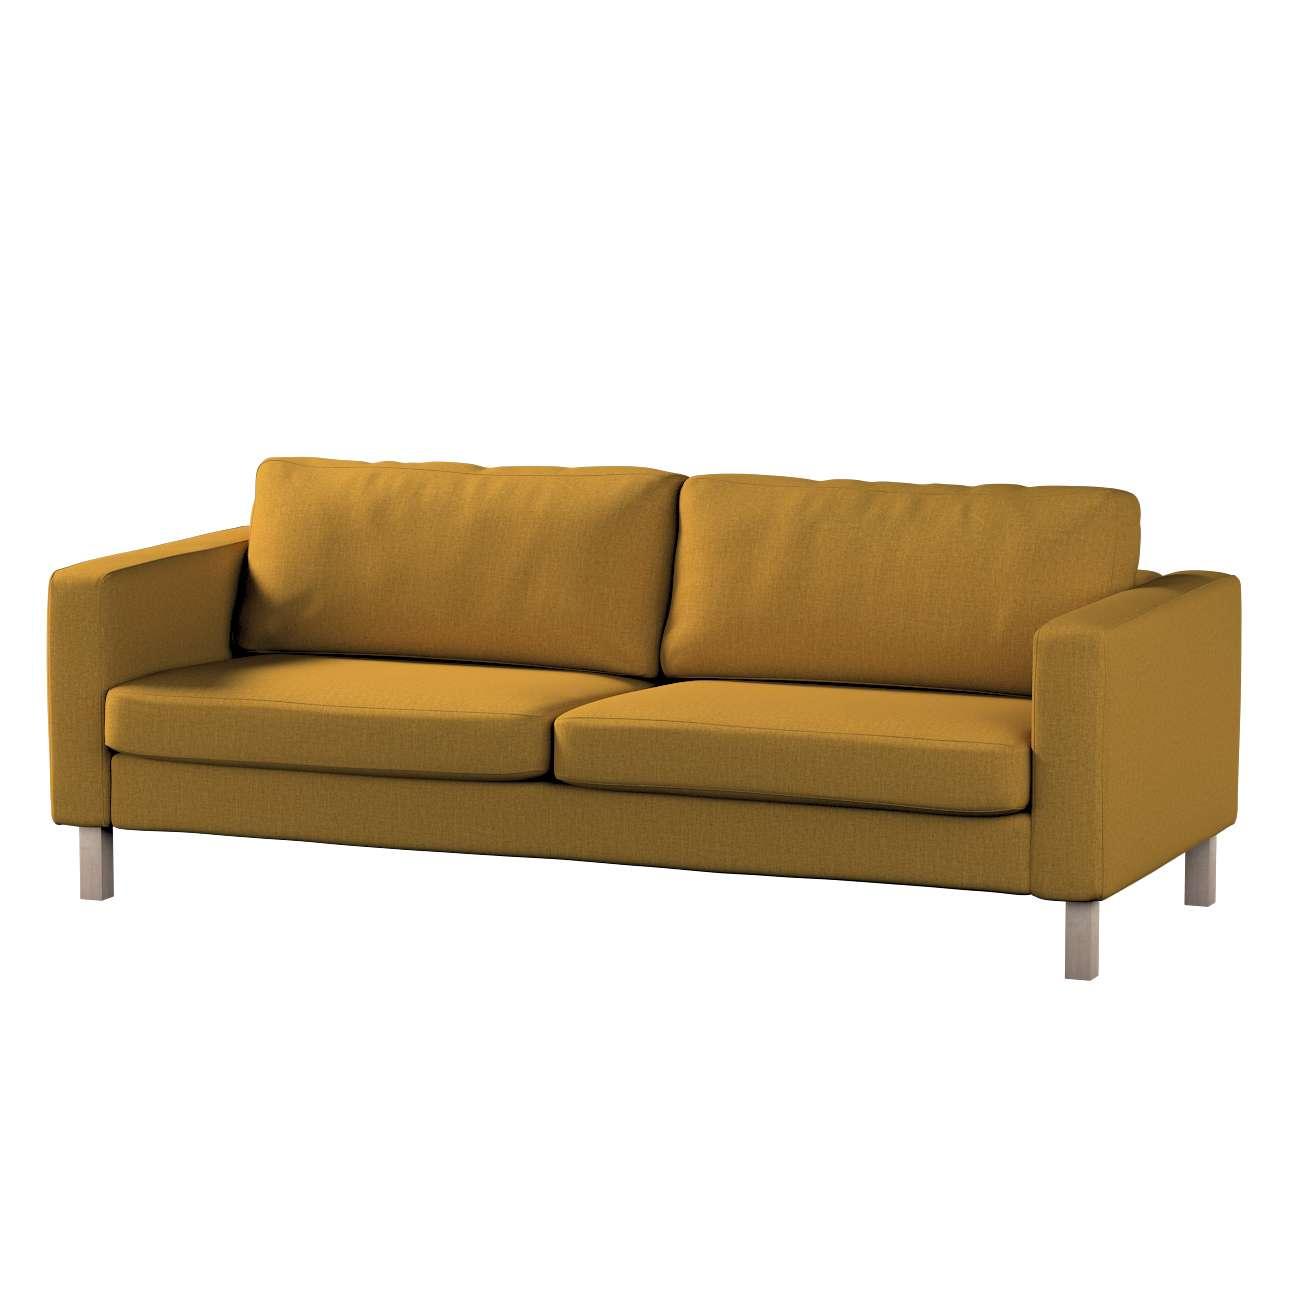 Pokrowiec na sofę Karlstad 3-osobową nierozkładaną, krótki w kolekcji City, tkanina: 704-82